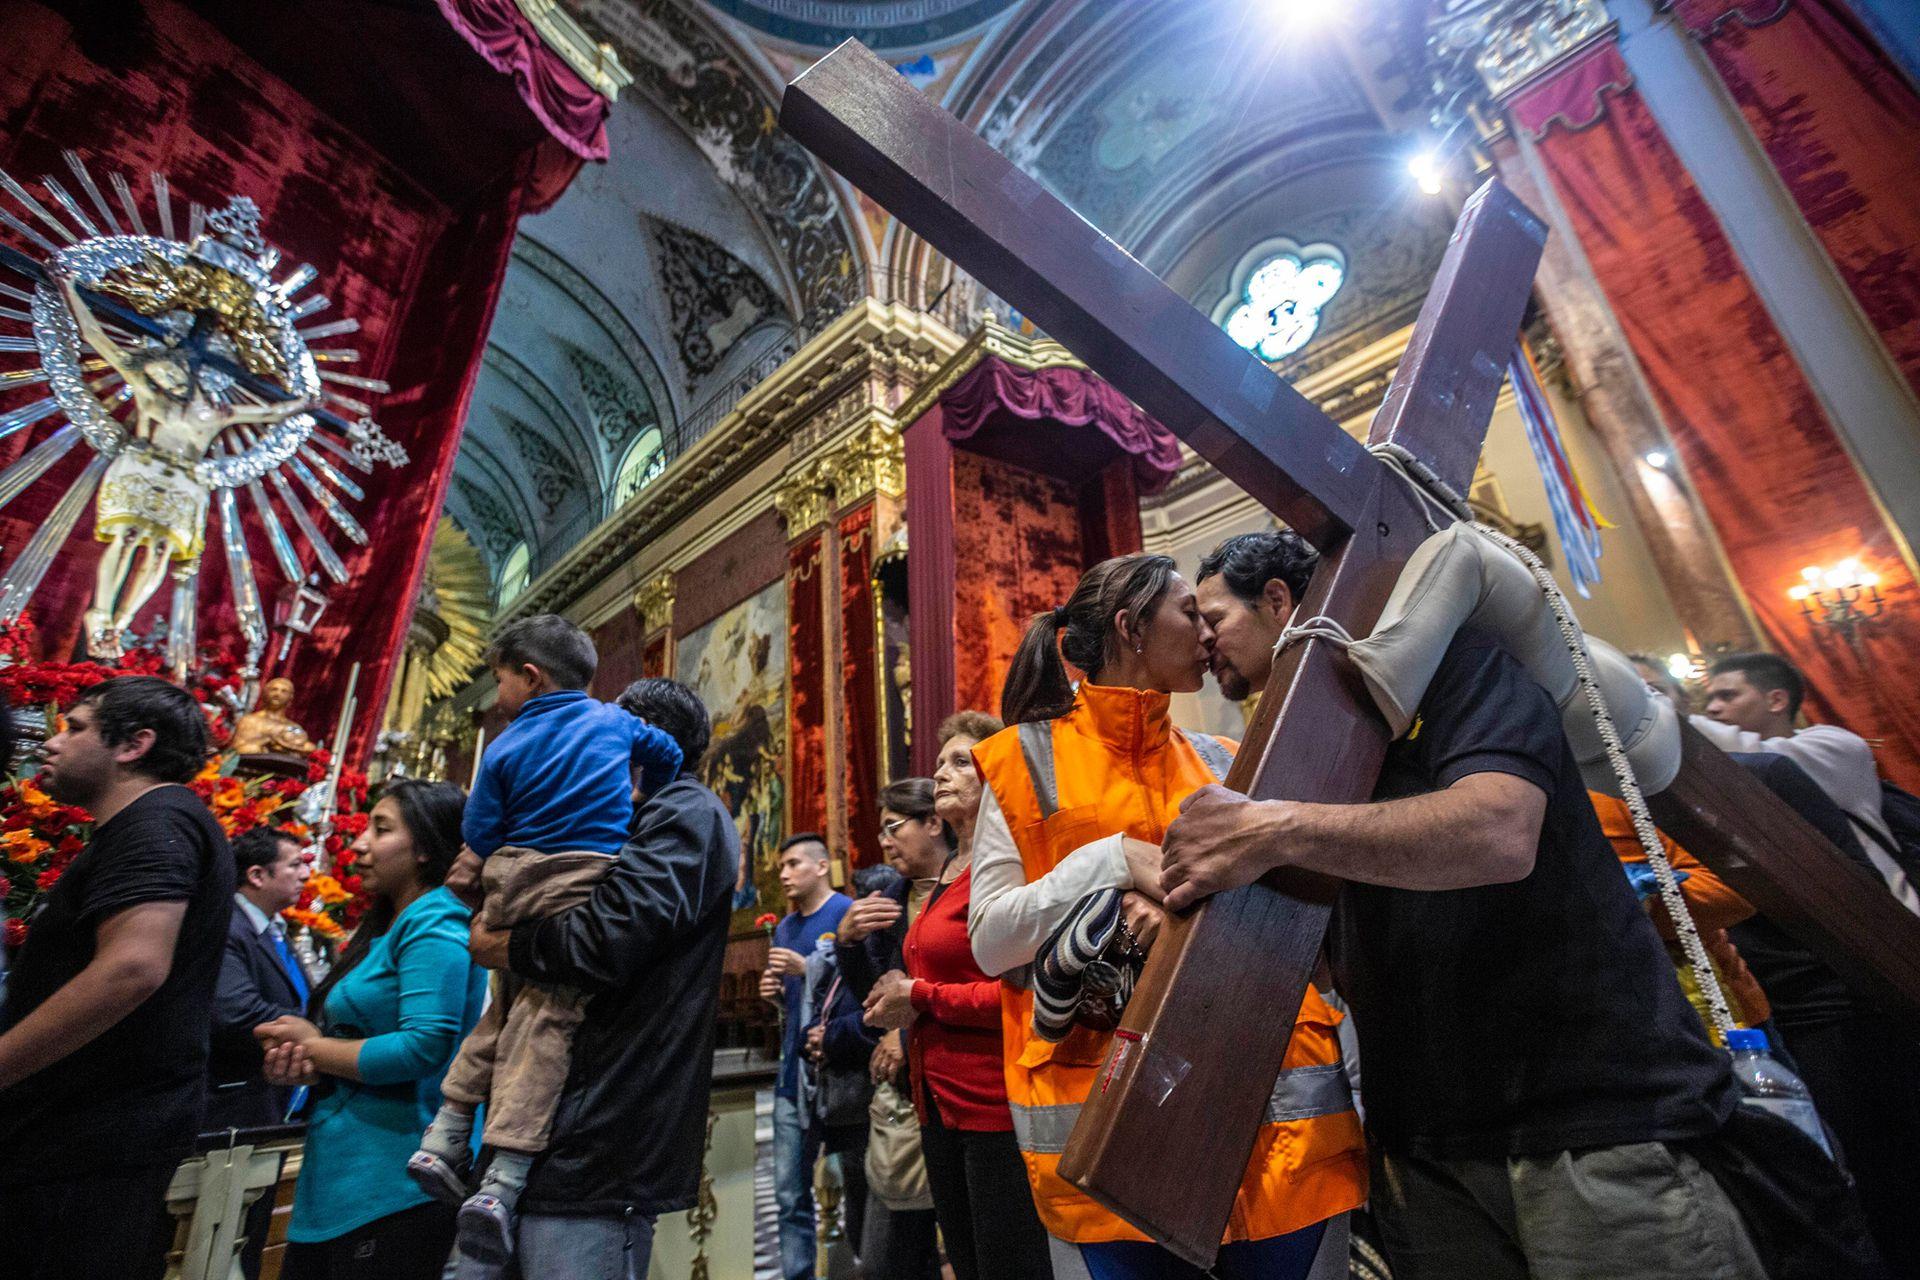 Este año, la festividad del Milagro se concretará con el acompañamiento de las reliquias de los Santos Patronos fundacionales de Salta, los Apóstoles Felipe y Santiago